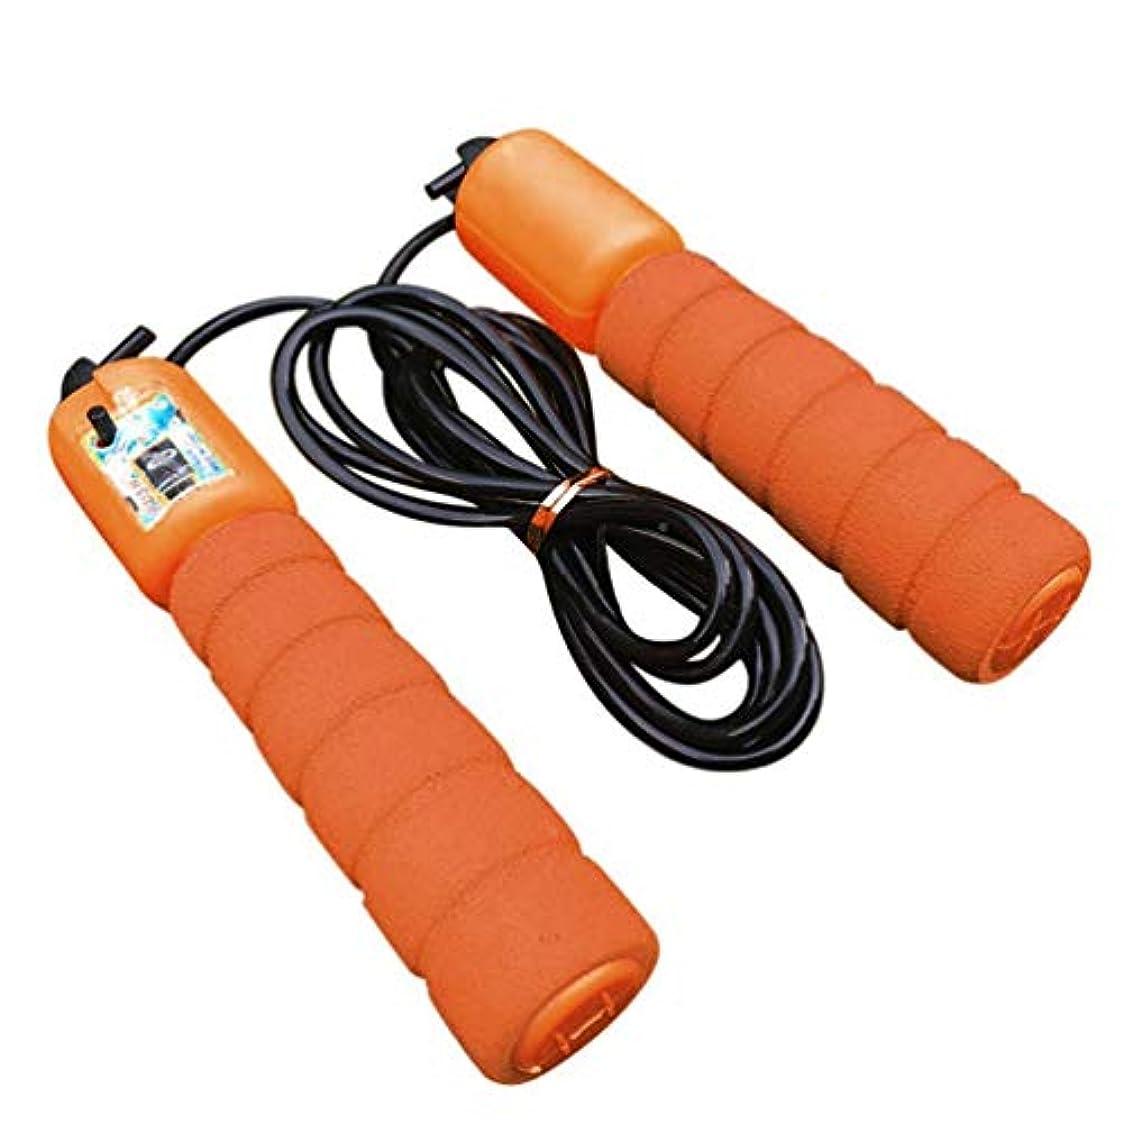 ハンサム排除するプレミア調整可能なプロフェッショナルカウントスキップロープ自動カウントジャンプロープフィットネスエクササイズ高速スピードカウントジャンプロープ-オレンジ